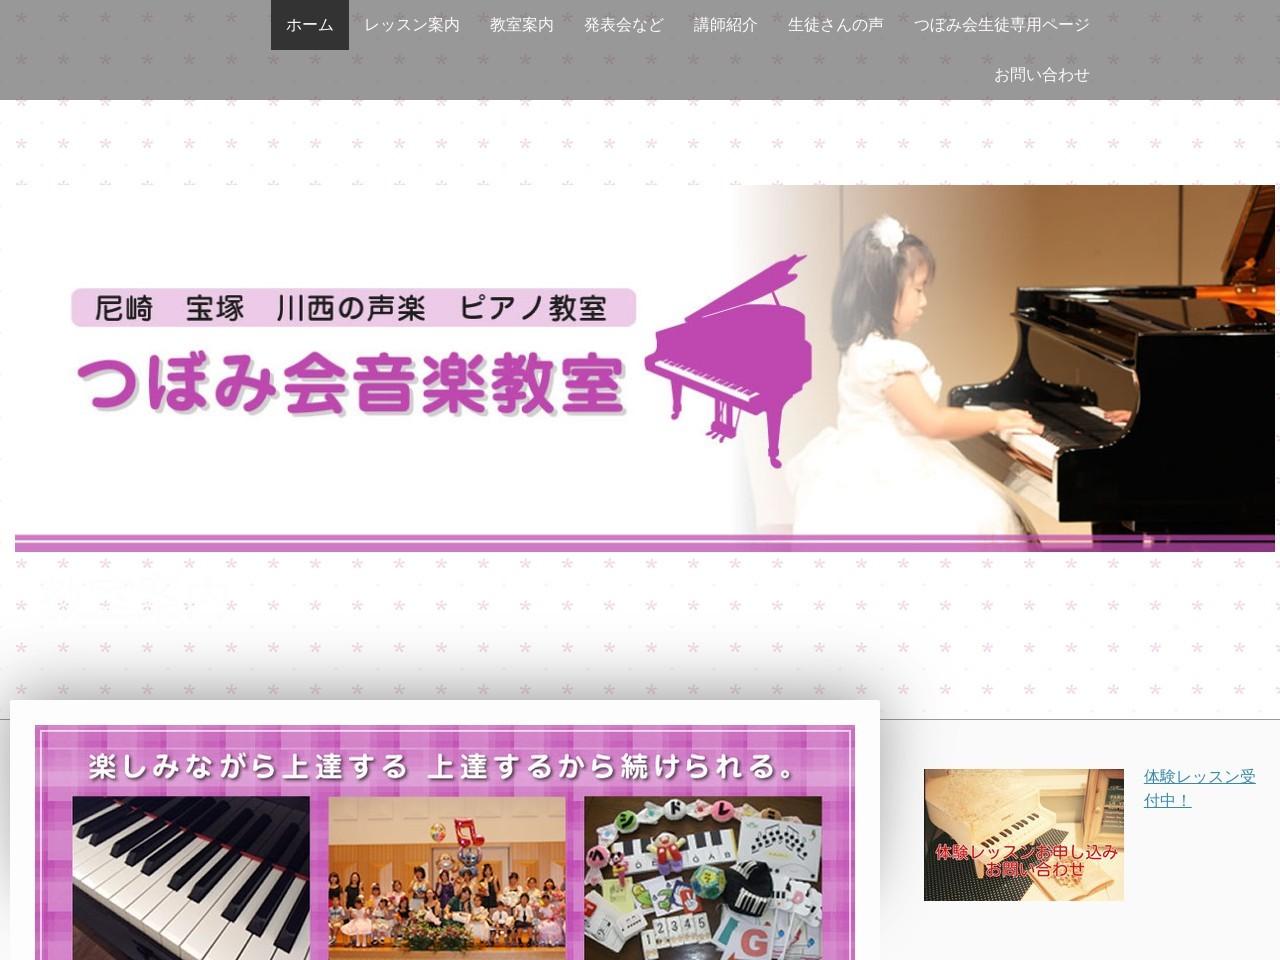 つぼみ会音楽教室のサムネイル